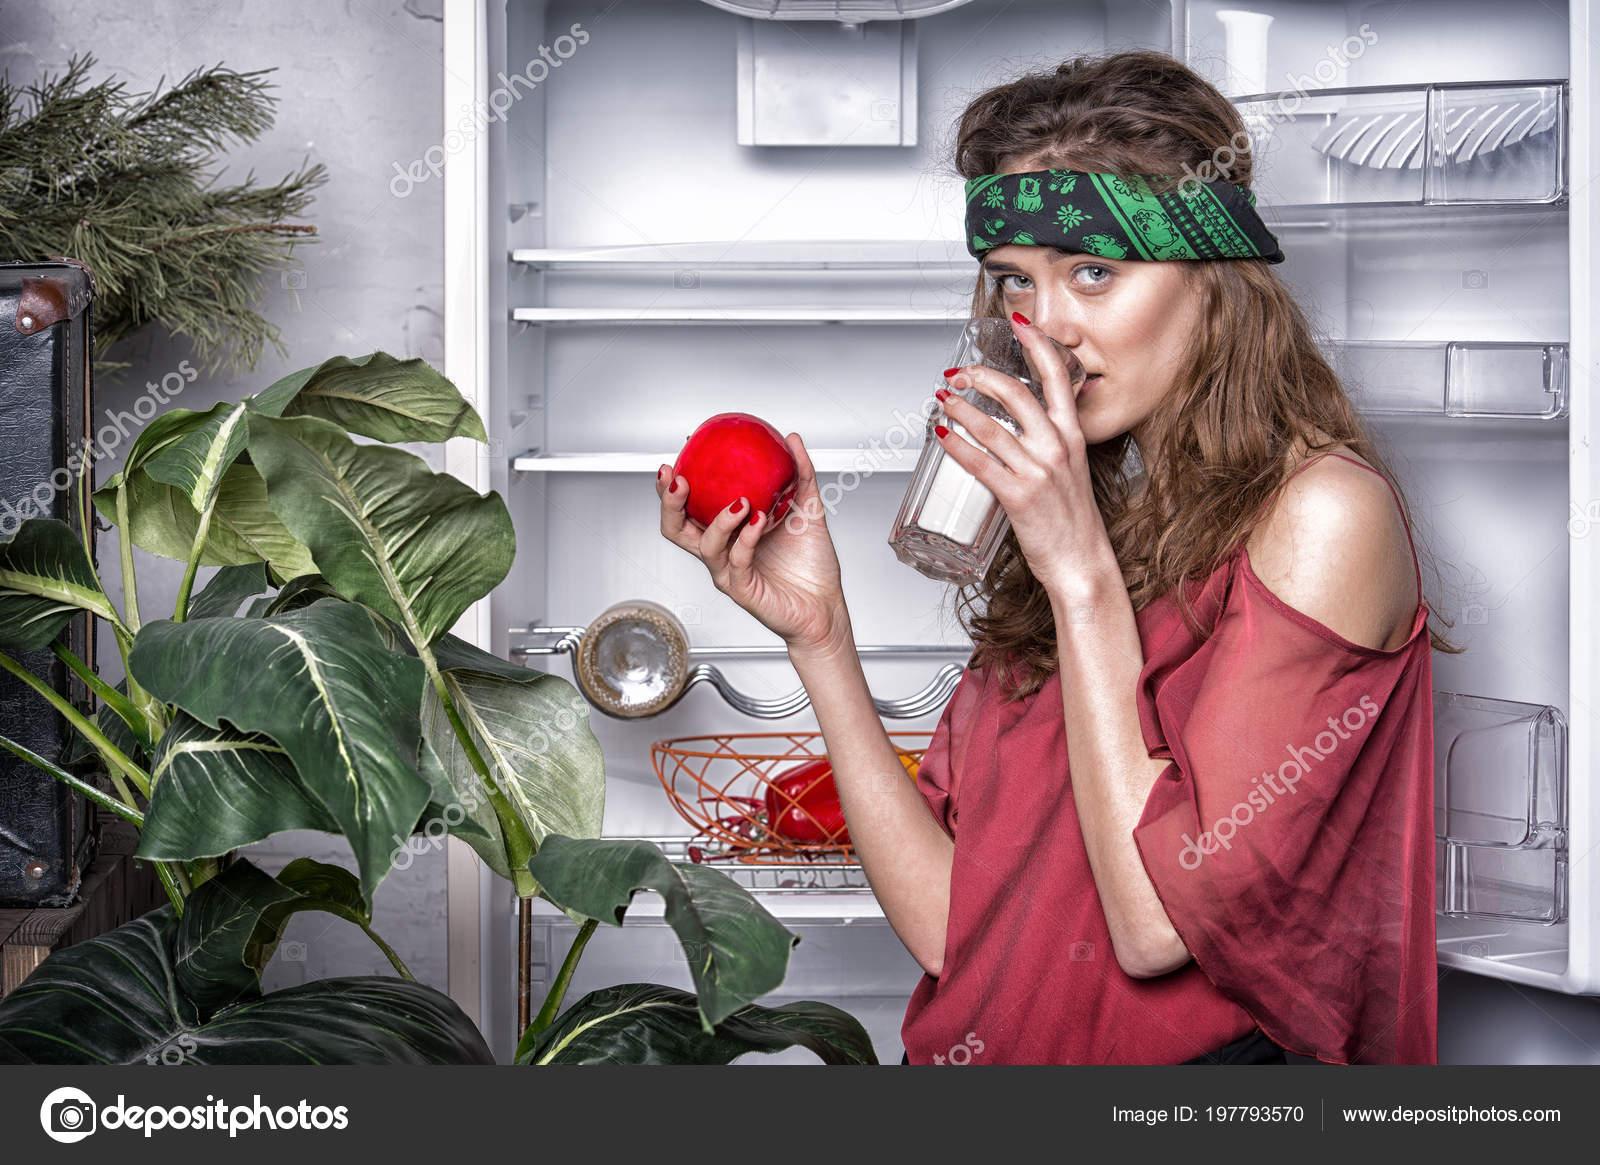 Senhora no rosto de um sonho à frente de frigorífico vazio aberto e bebidas  de leite. Conceito de dieta. Ela gosta de peso. Lady slim e skinny detém  apple. 3ad58910bc